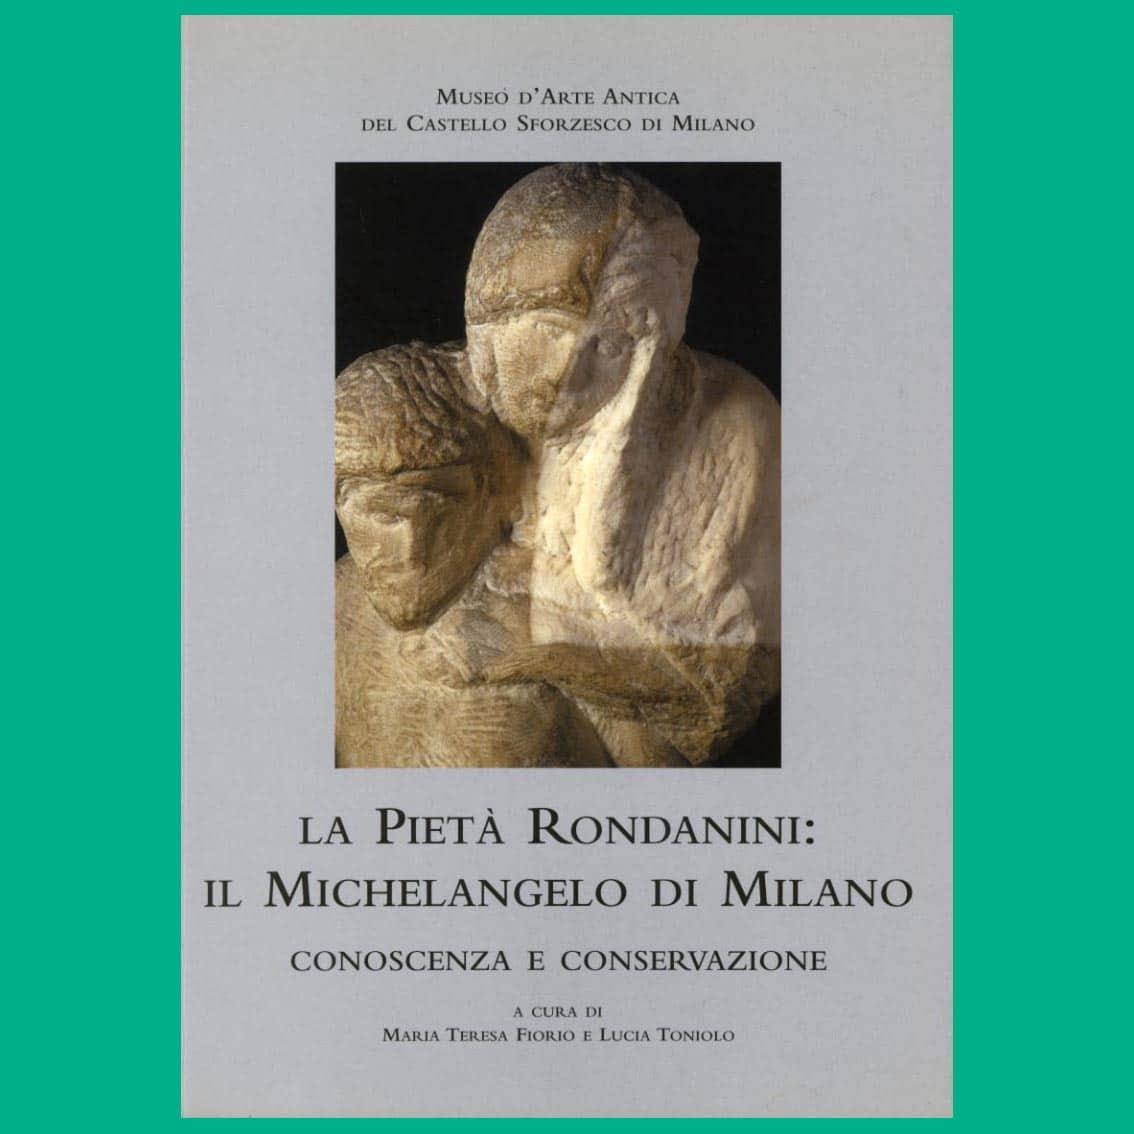 http://cbccoop.it/app/uploads/2017/06/Pietà-Rondanini-Michelangelo-di-Milano.jpg